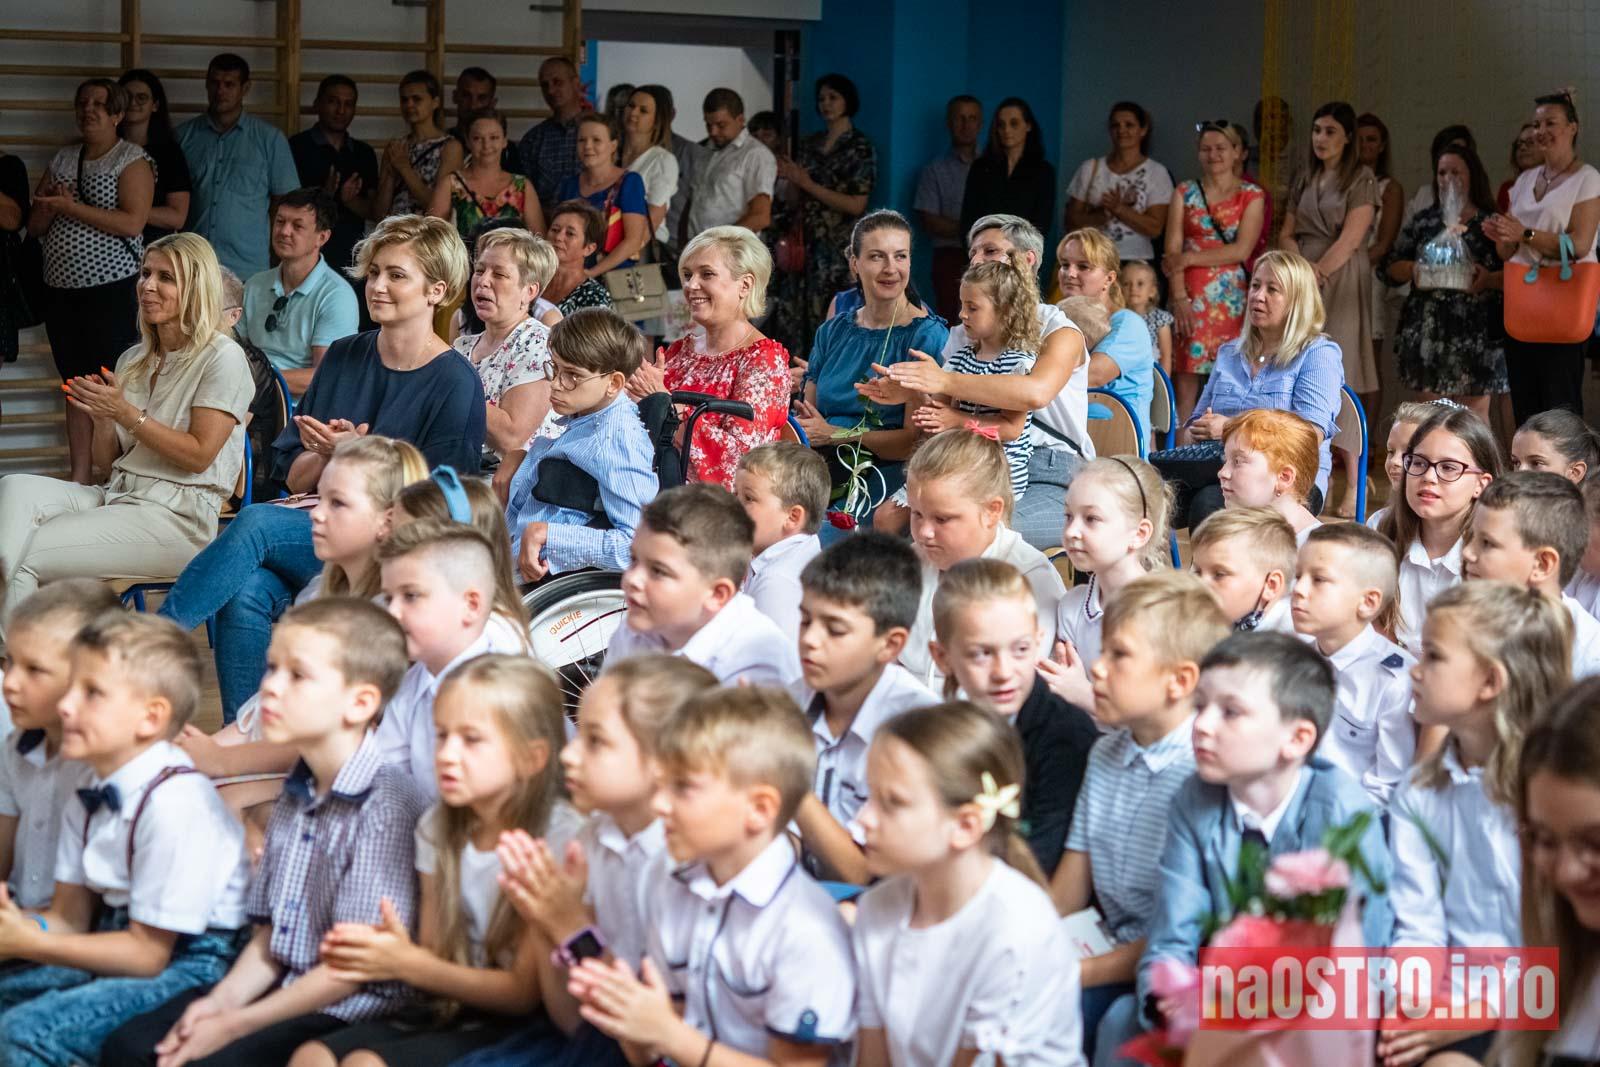 NaOSTROinfo Zakończenie roku szkolnego Bałtów-54